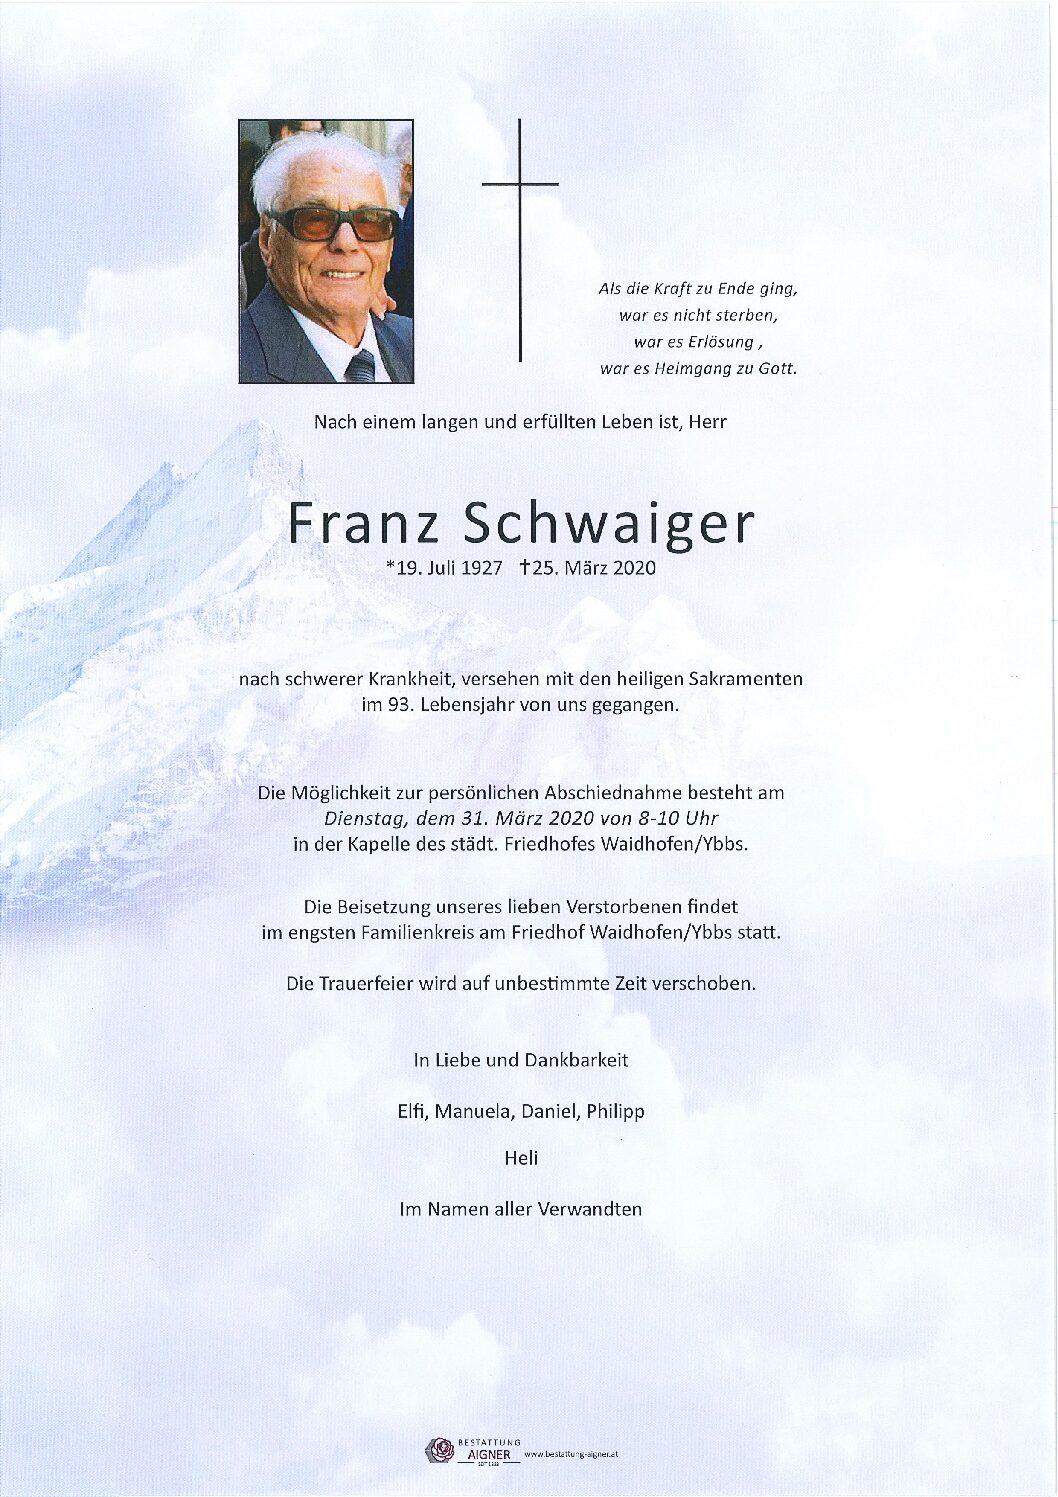 Franz Schwaiger